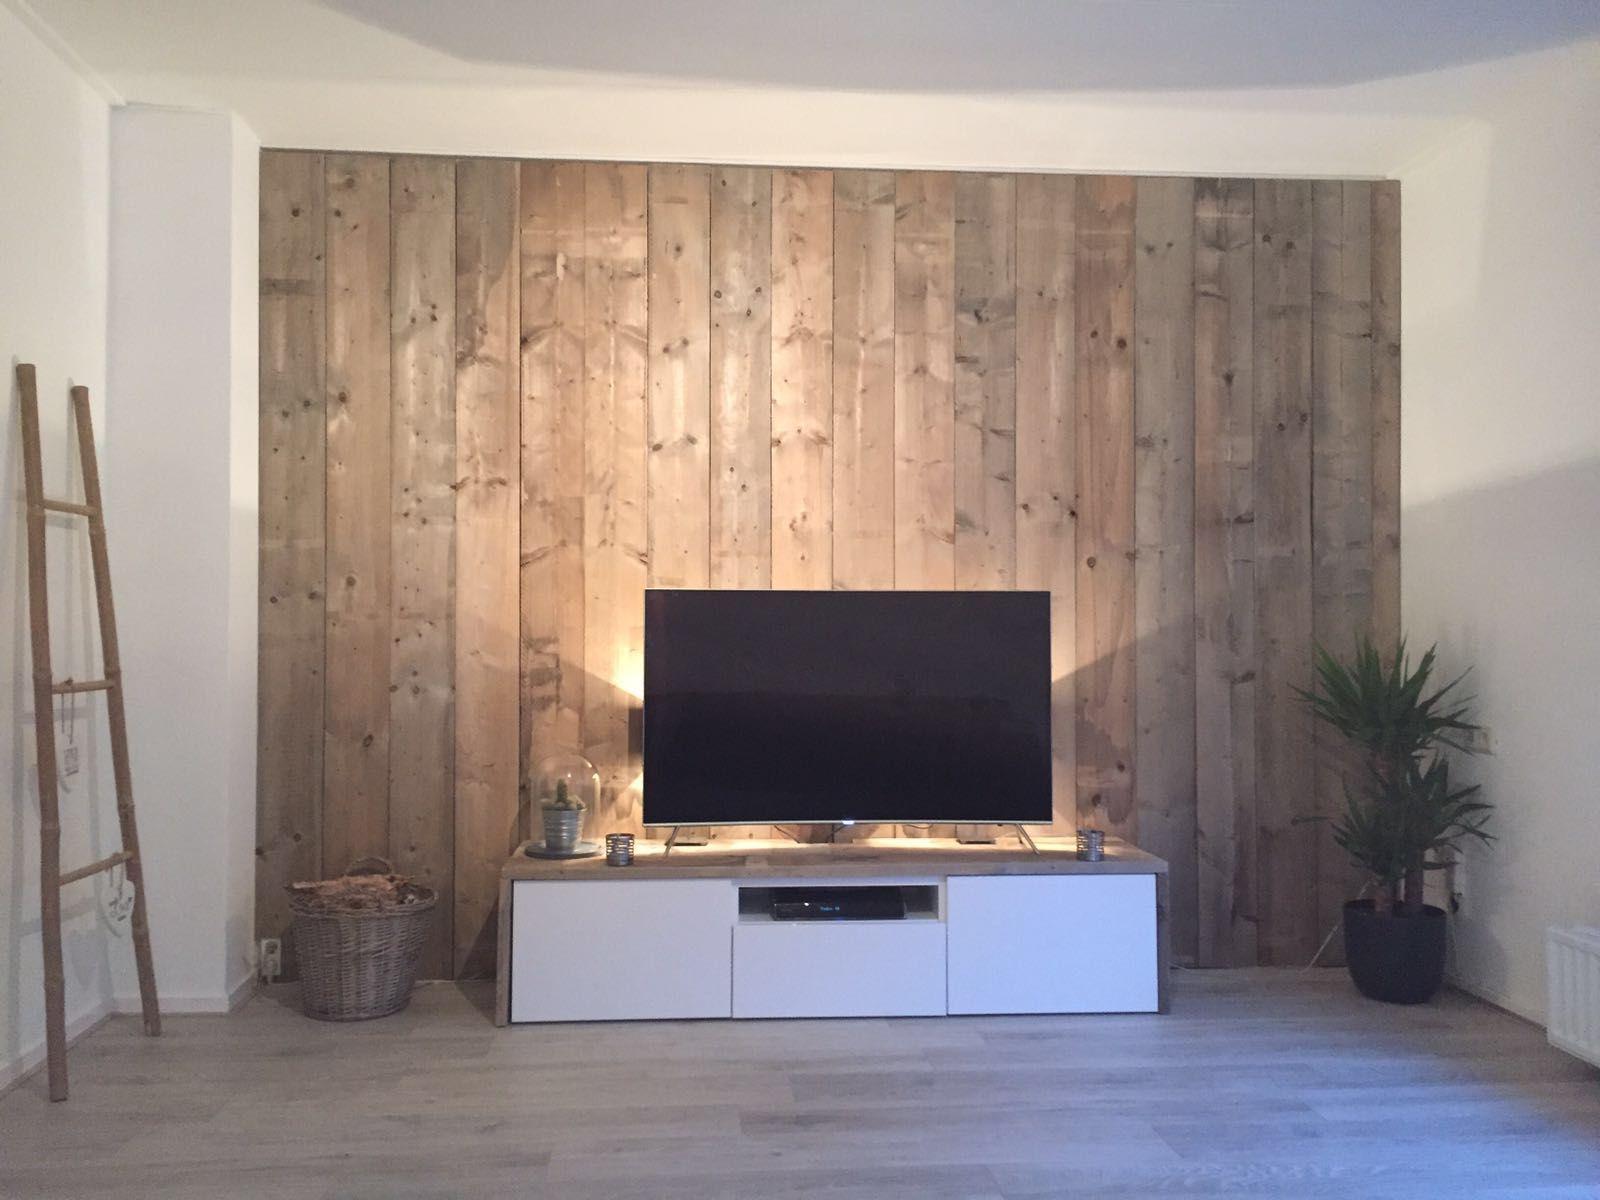 TV wall  Einrichtungsideen wohnzimmer holz, Holzwand wohnzimmer